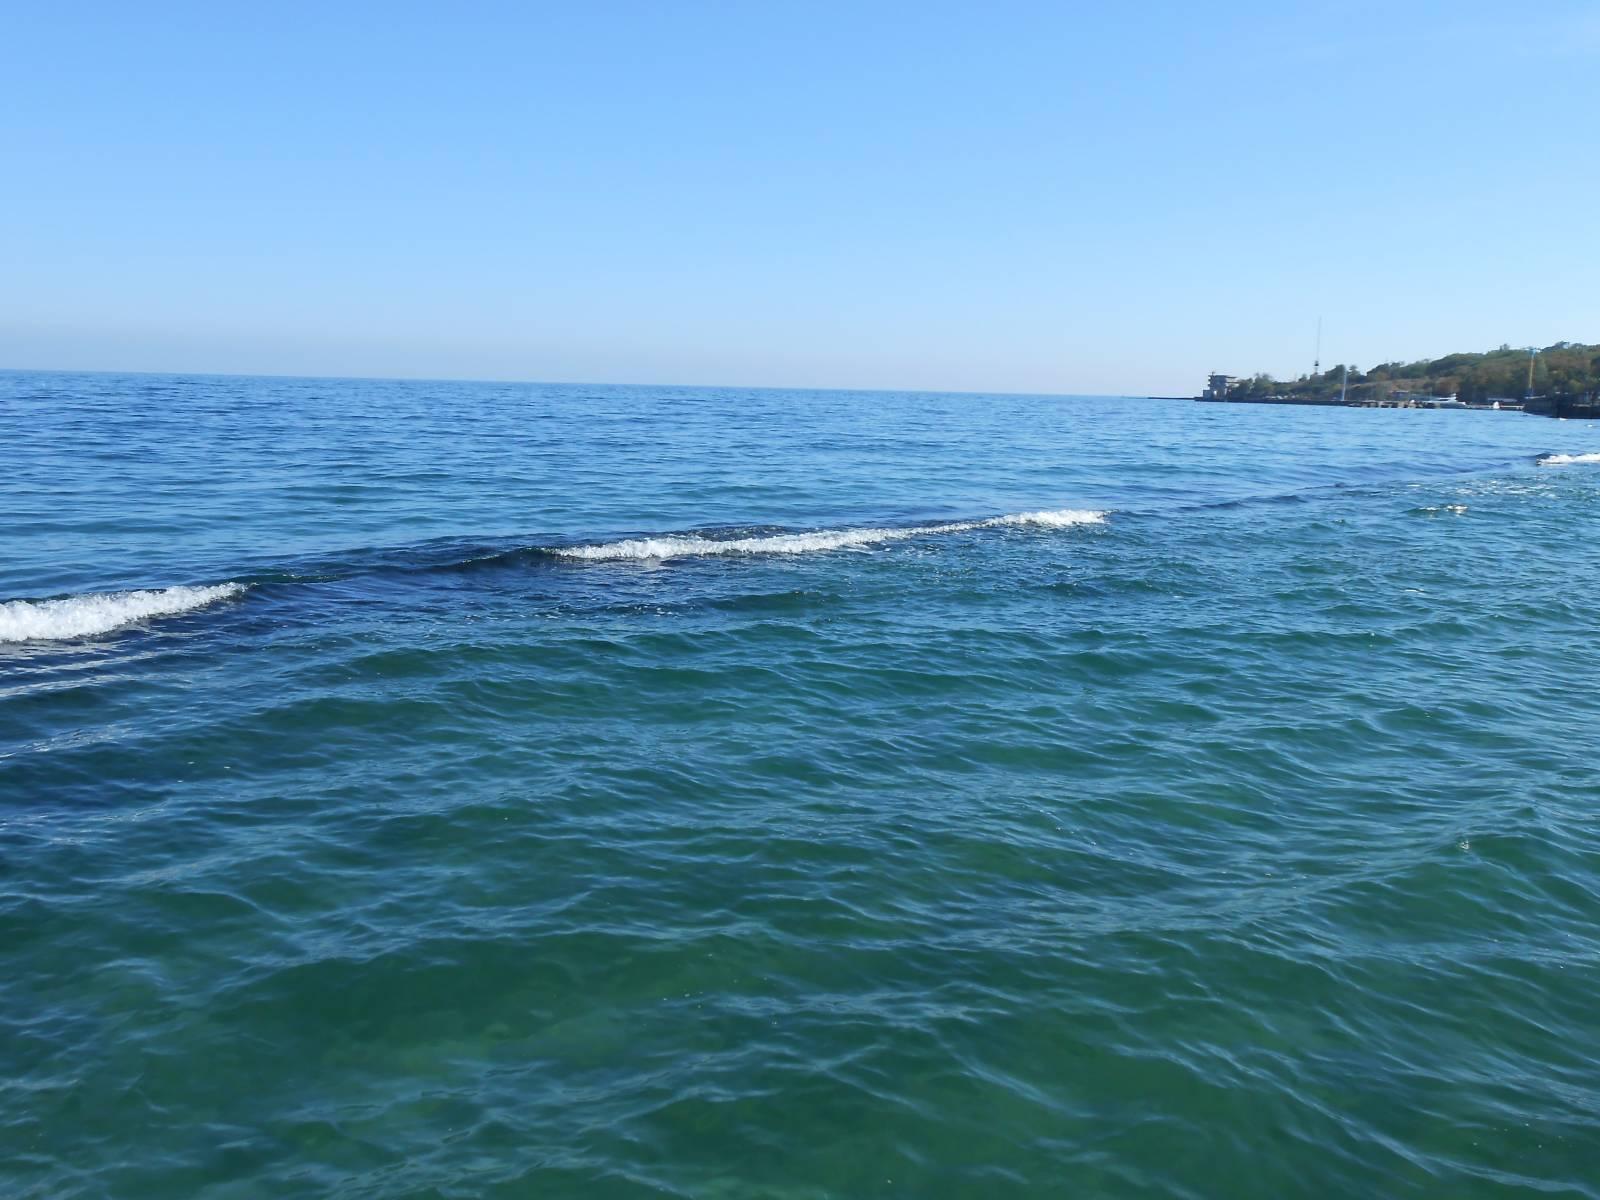 что такое волнорез на море фото кто-то